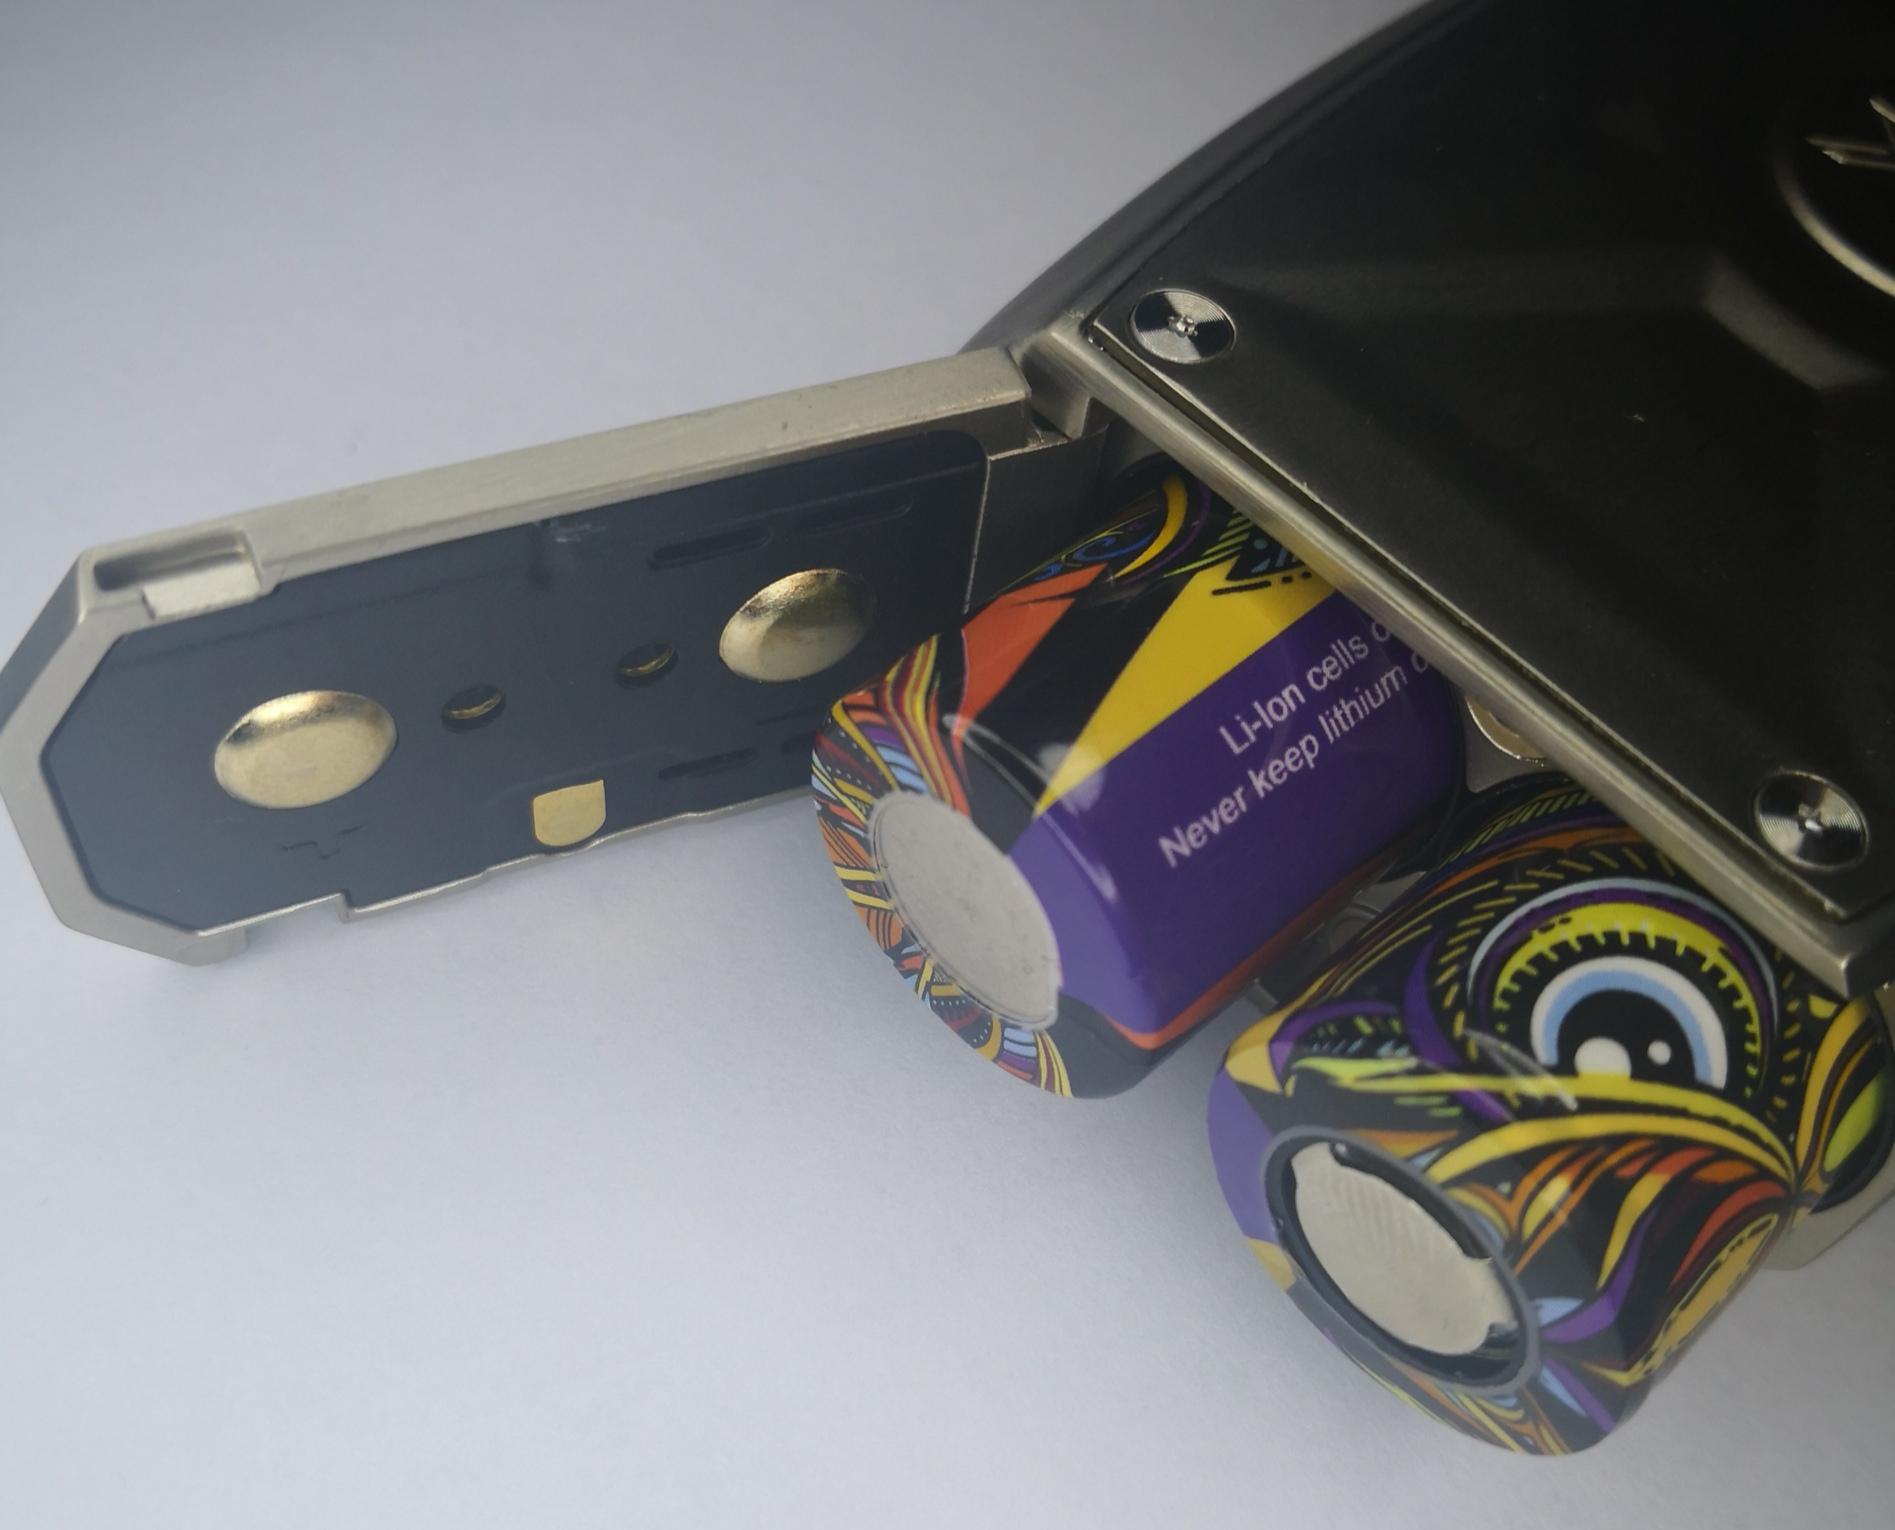 xt 220 battery door.jpg